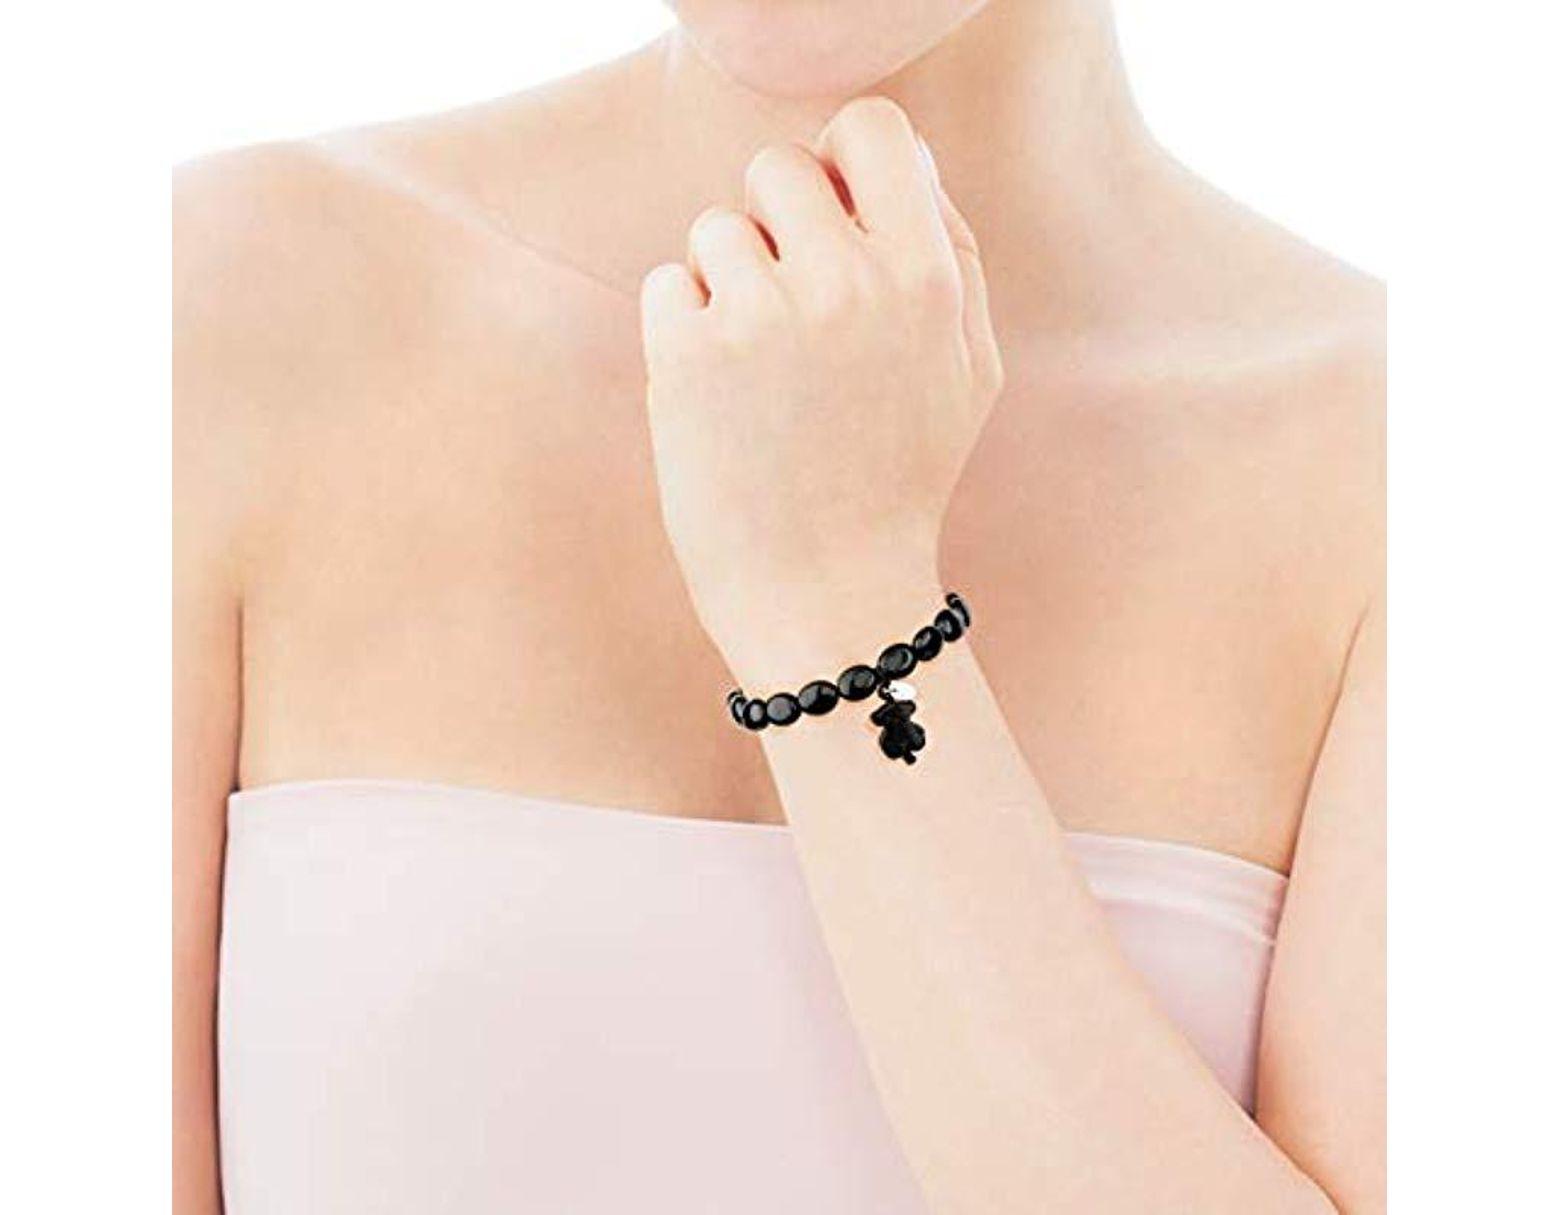 8556e4acbc4b Pulsera ajustable de mujer en Plata de primer Ley negra y colgante Onix Tous  de color Negro - Lyst